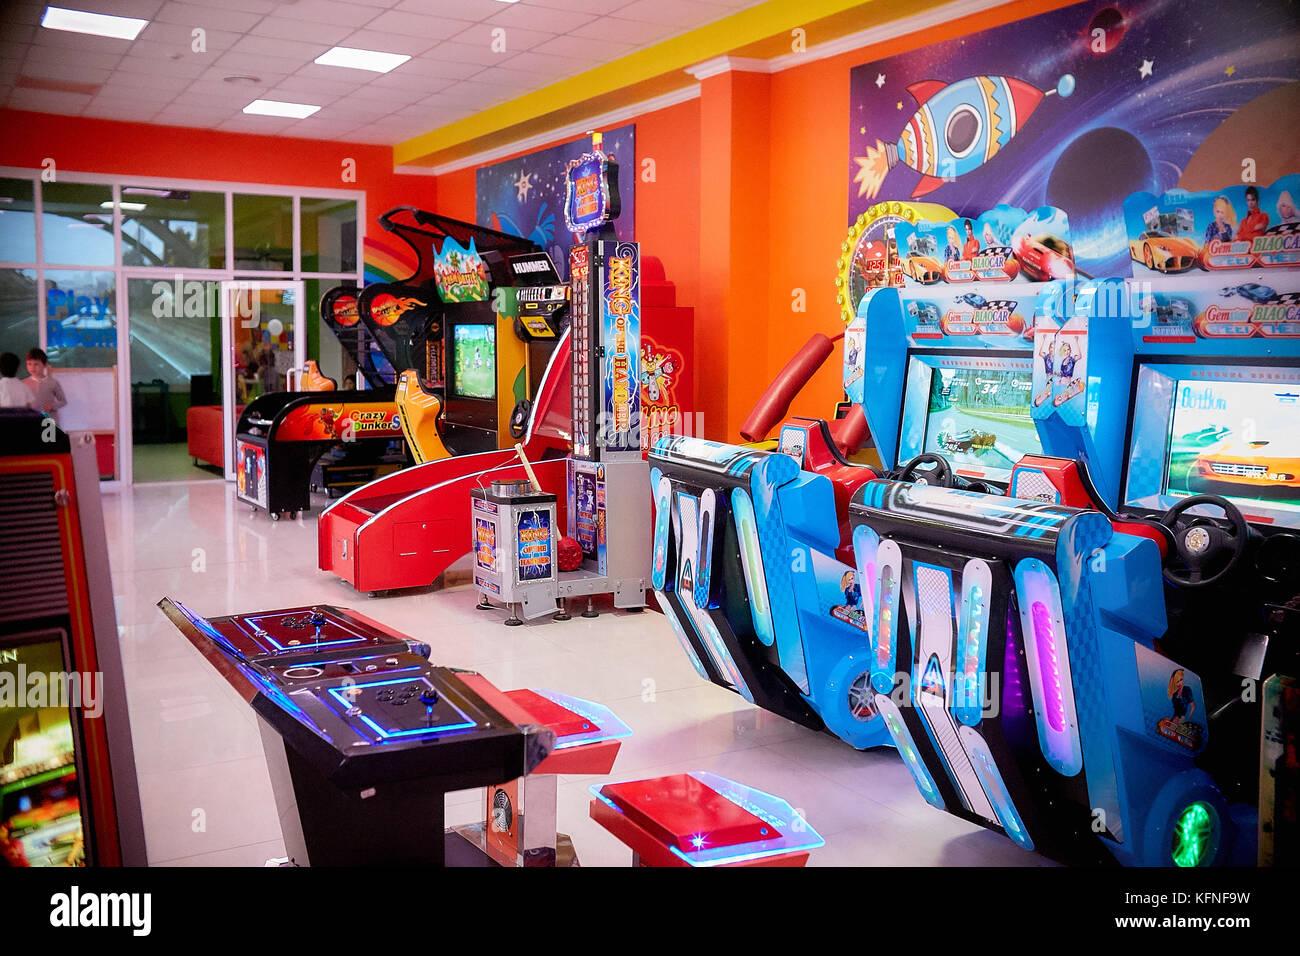 Childrens Machines Stockfotos & Childrens Machines Bilder - Alamy